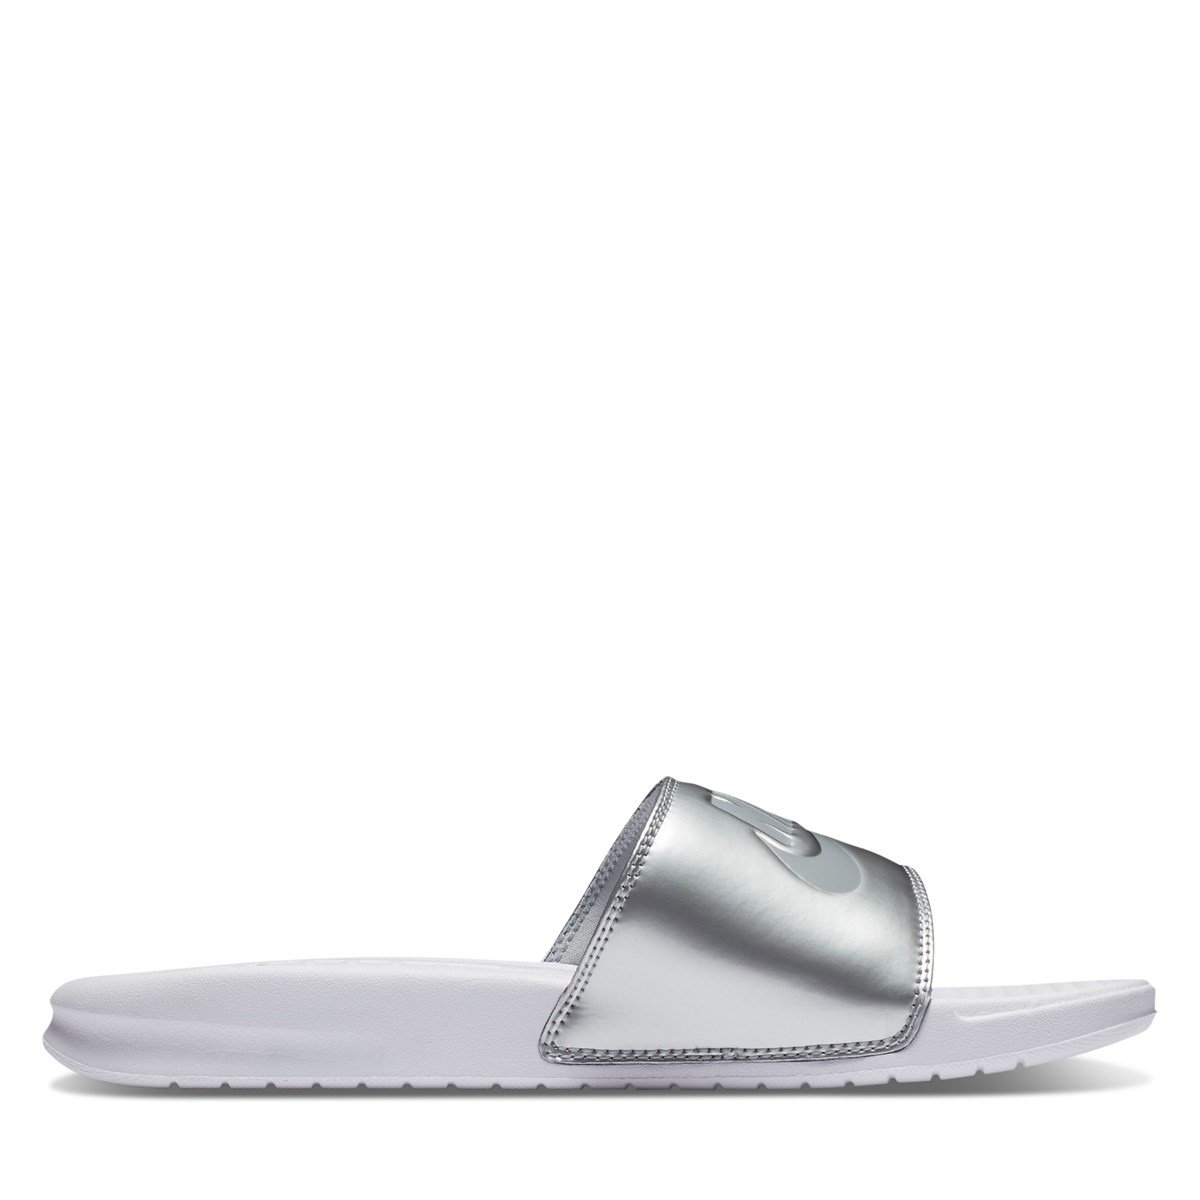 Women's Benassi JDI Slide in Silver